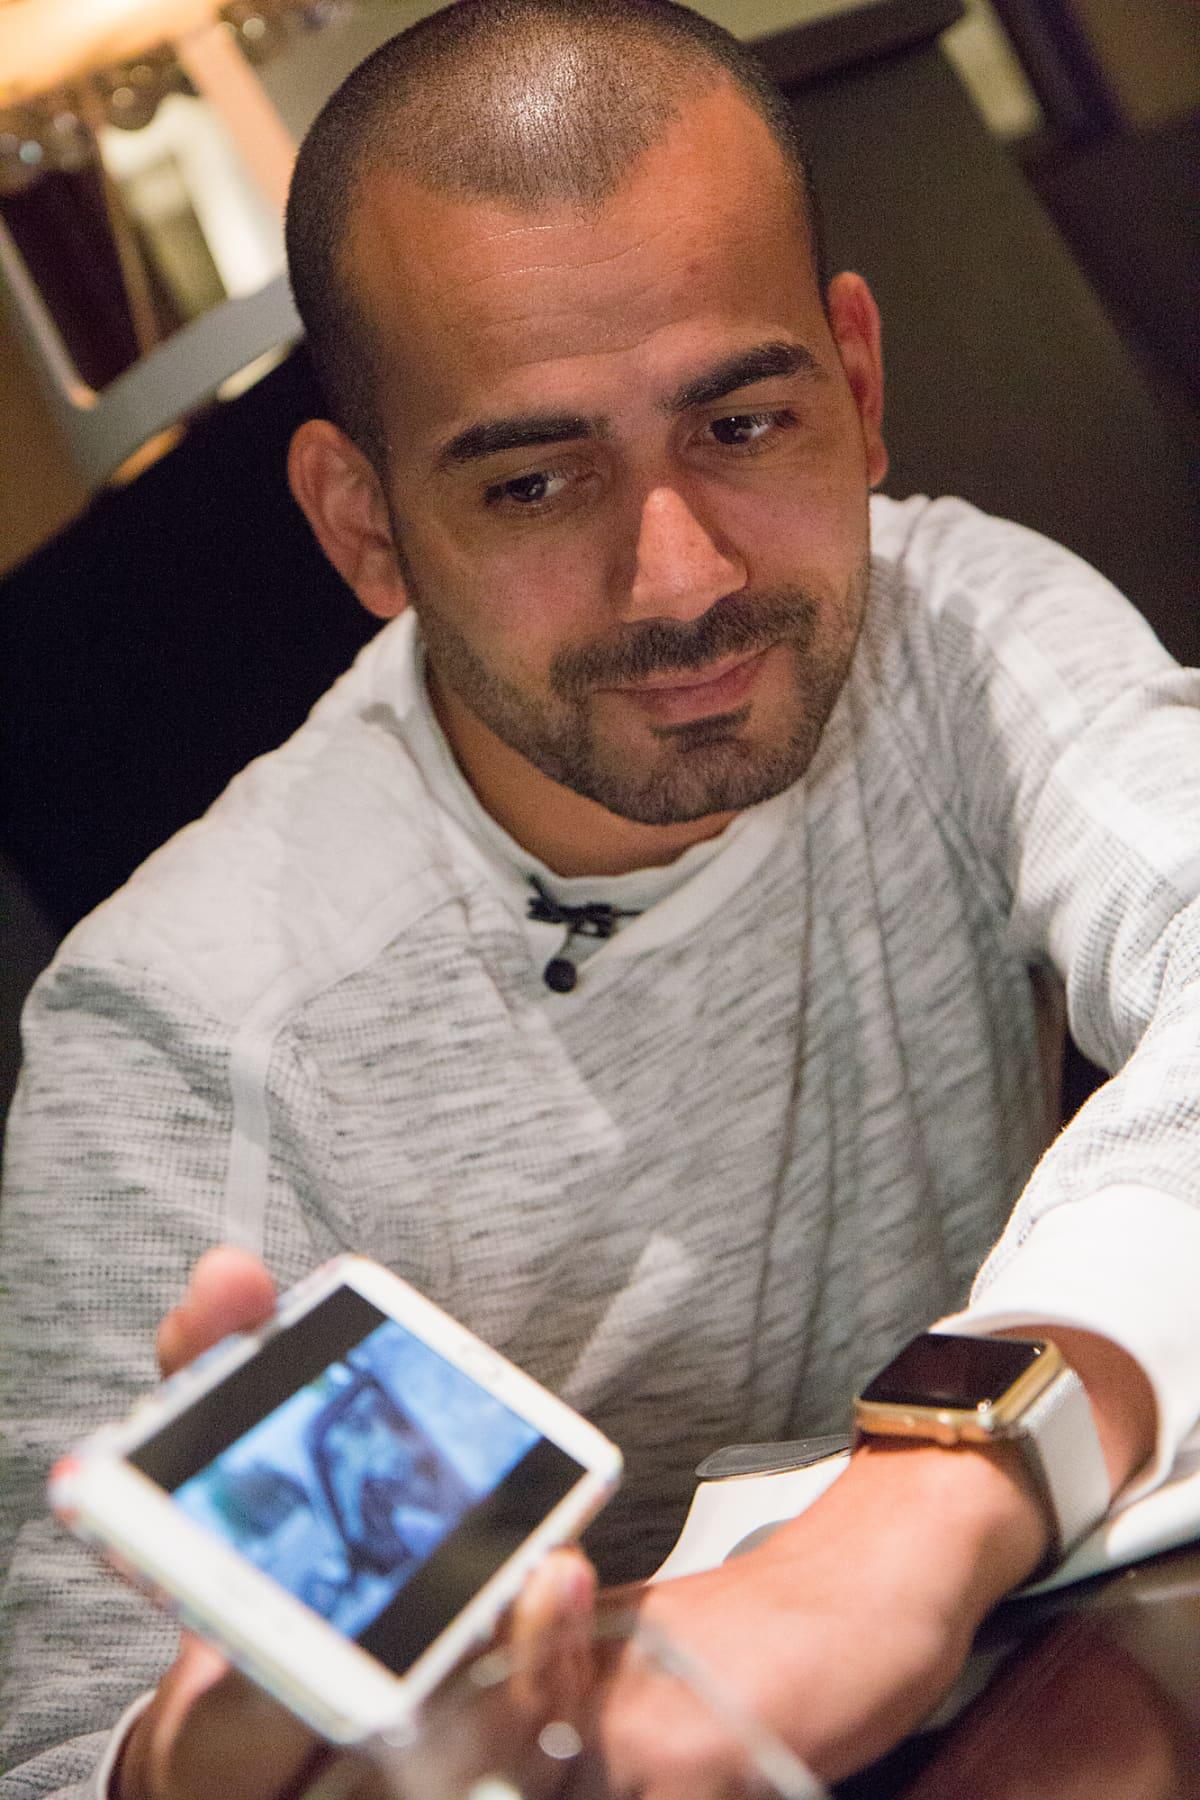 Prinssi Rami näyttää videota kännykästä